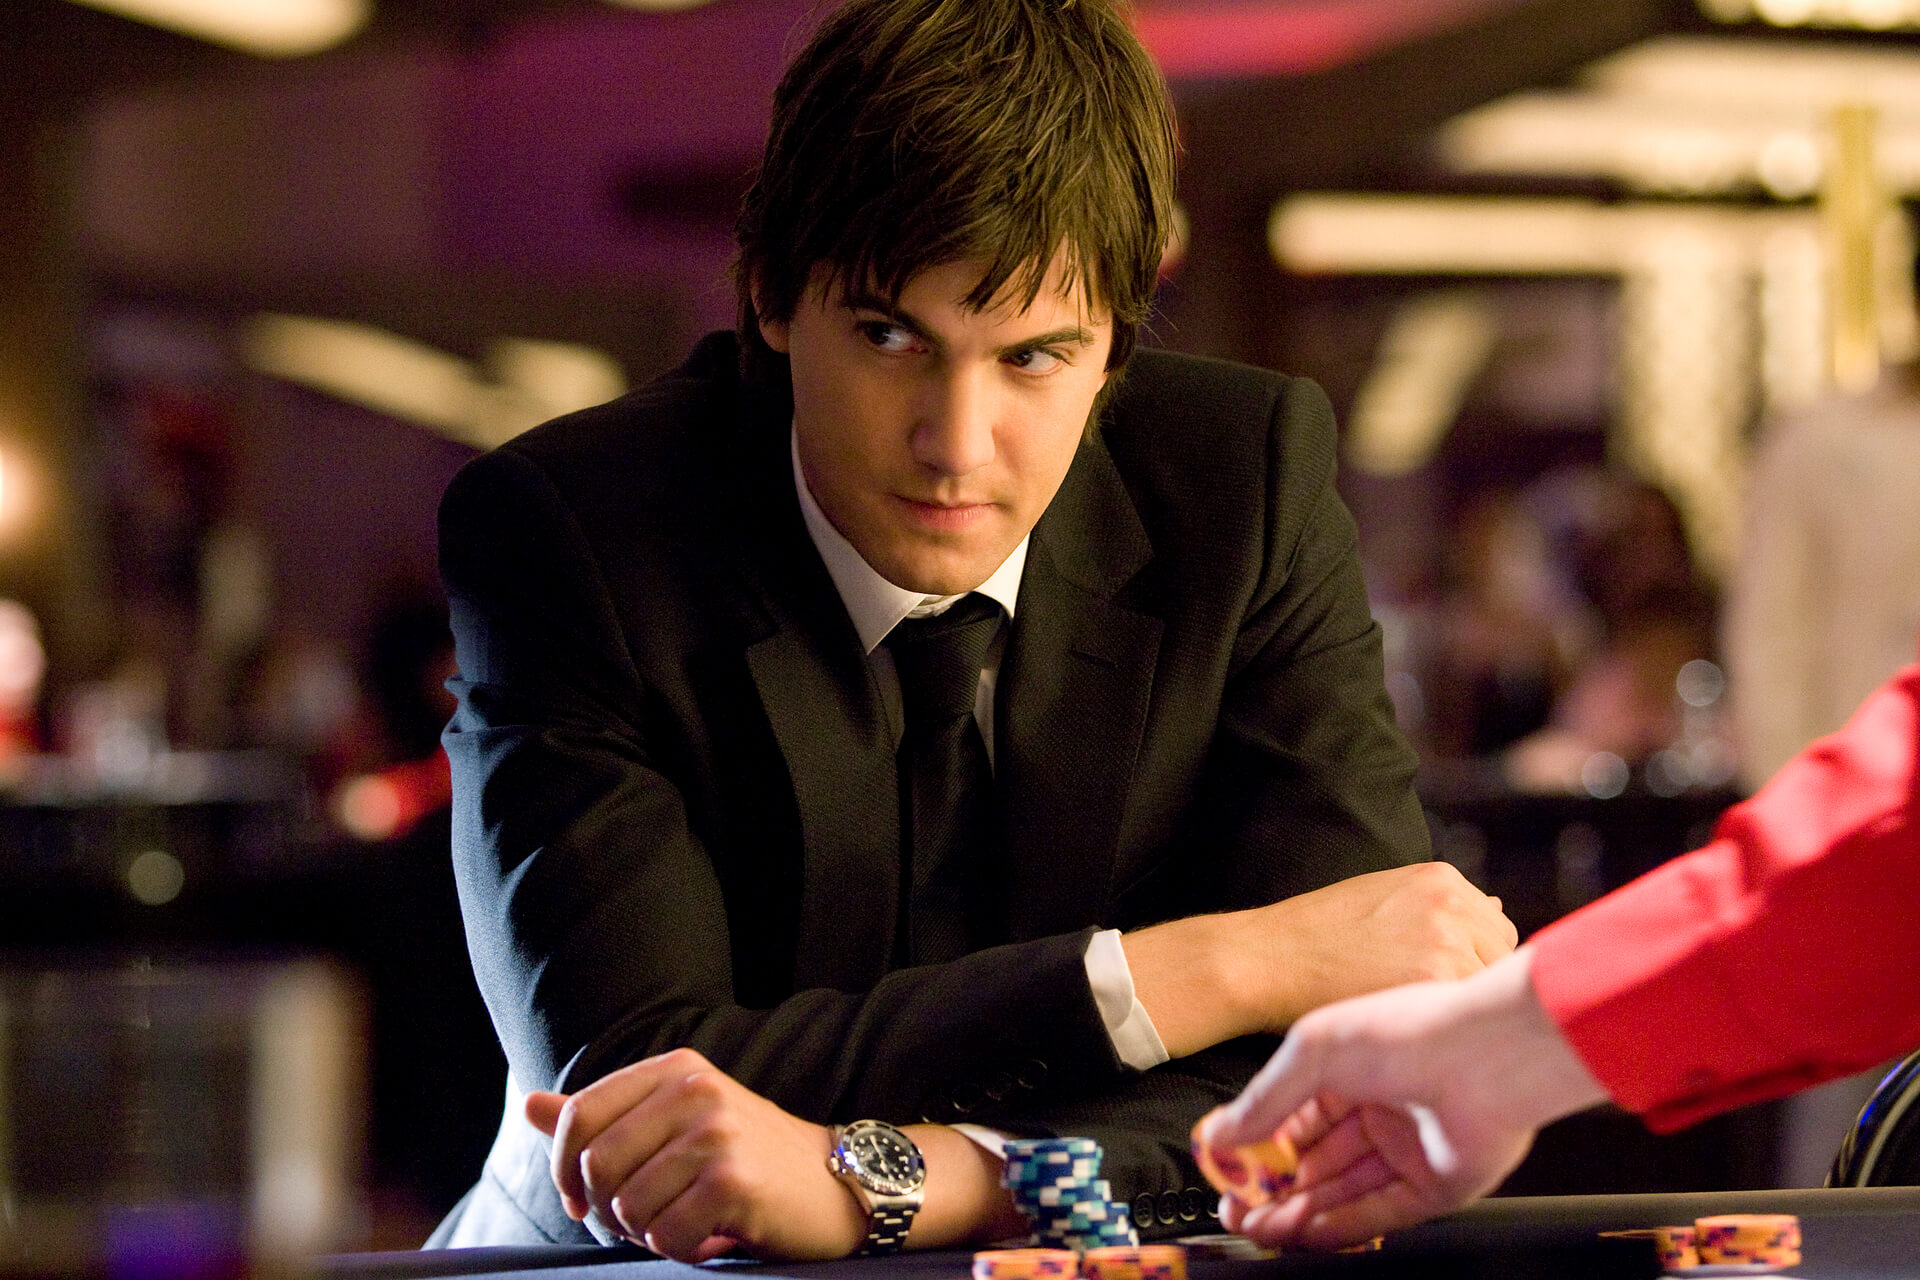 Melhores filmes de casino